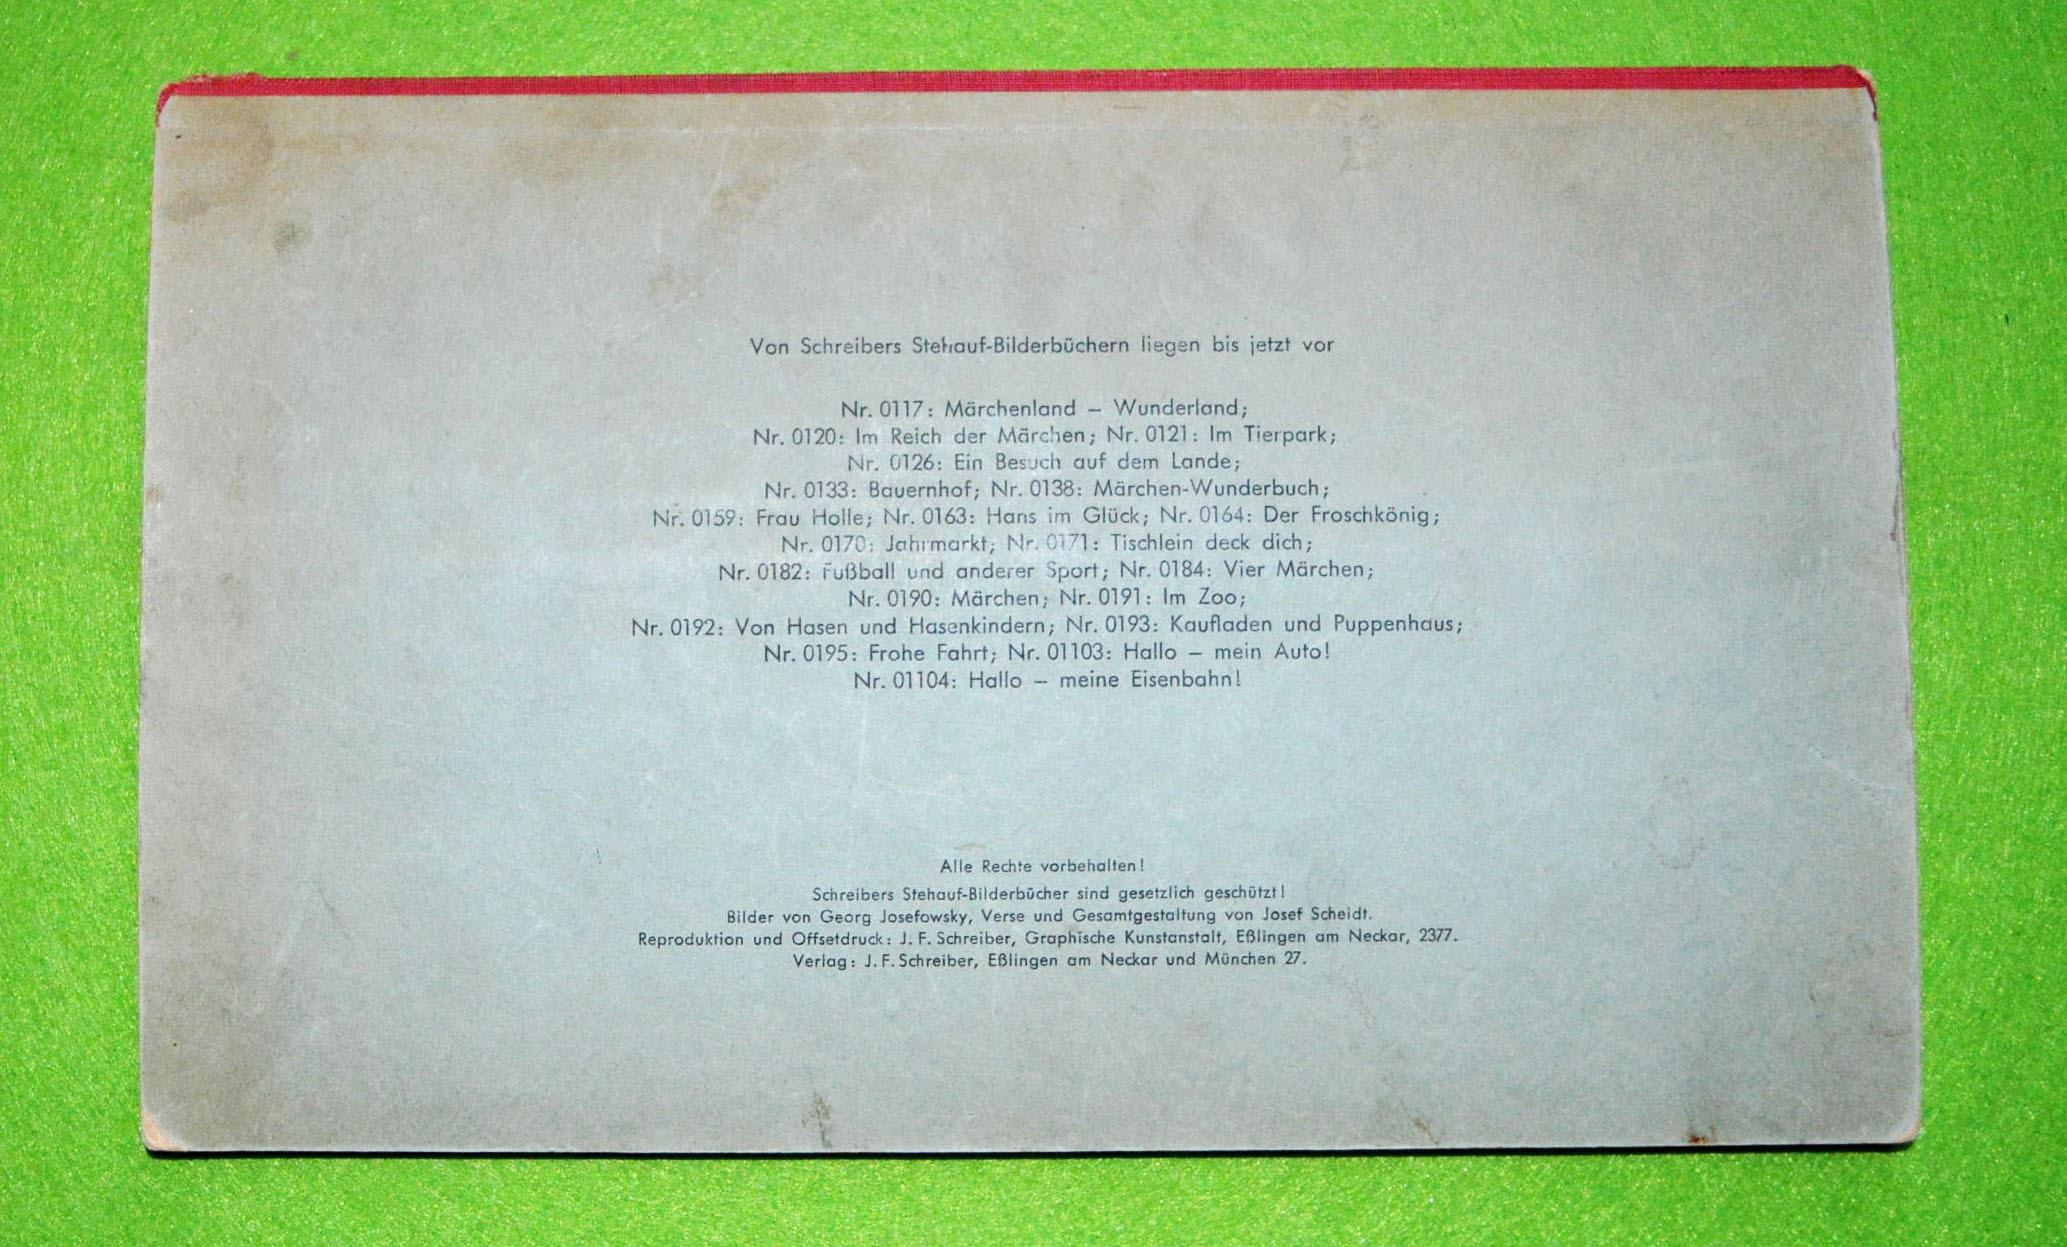 Schreibers Stehauf-Bilderbücher - Bilderbuch Jahrmarkt - JFS-0170